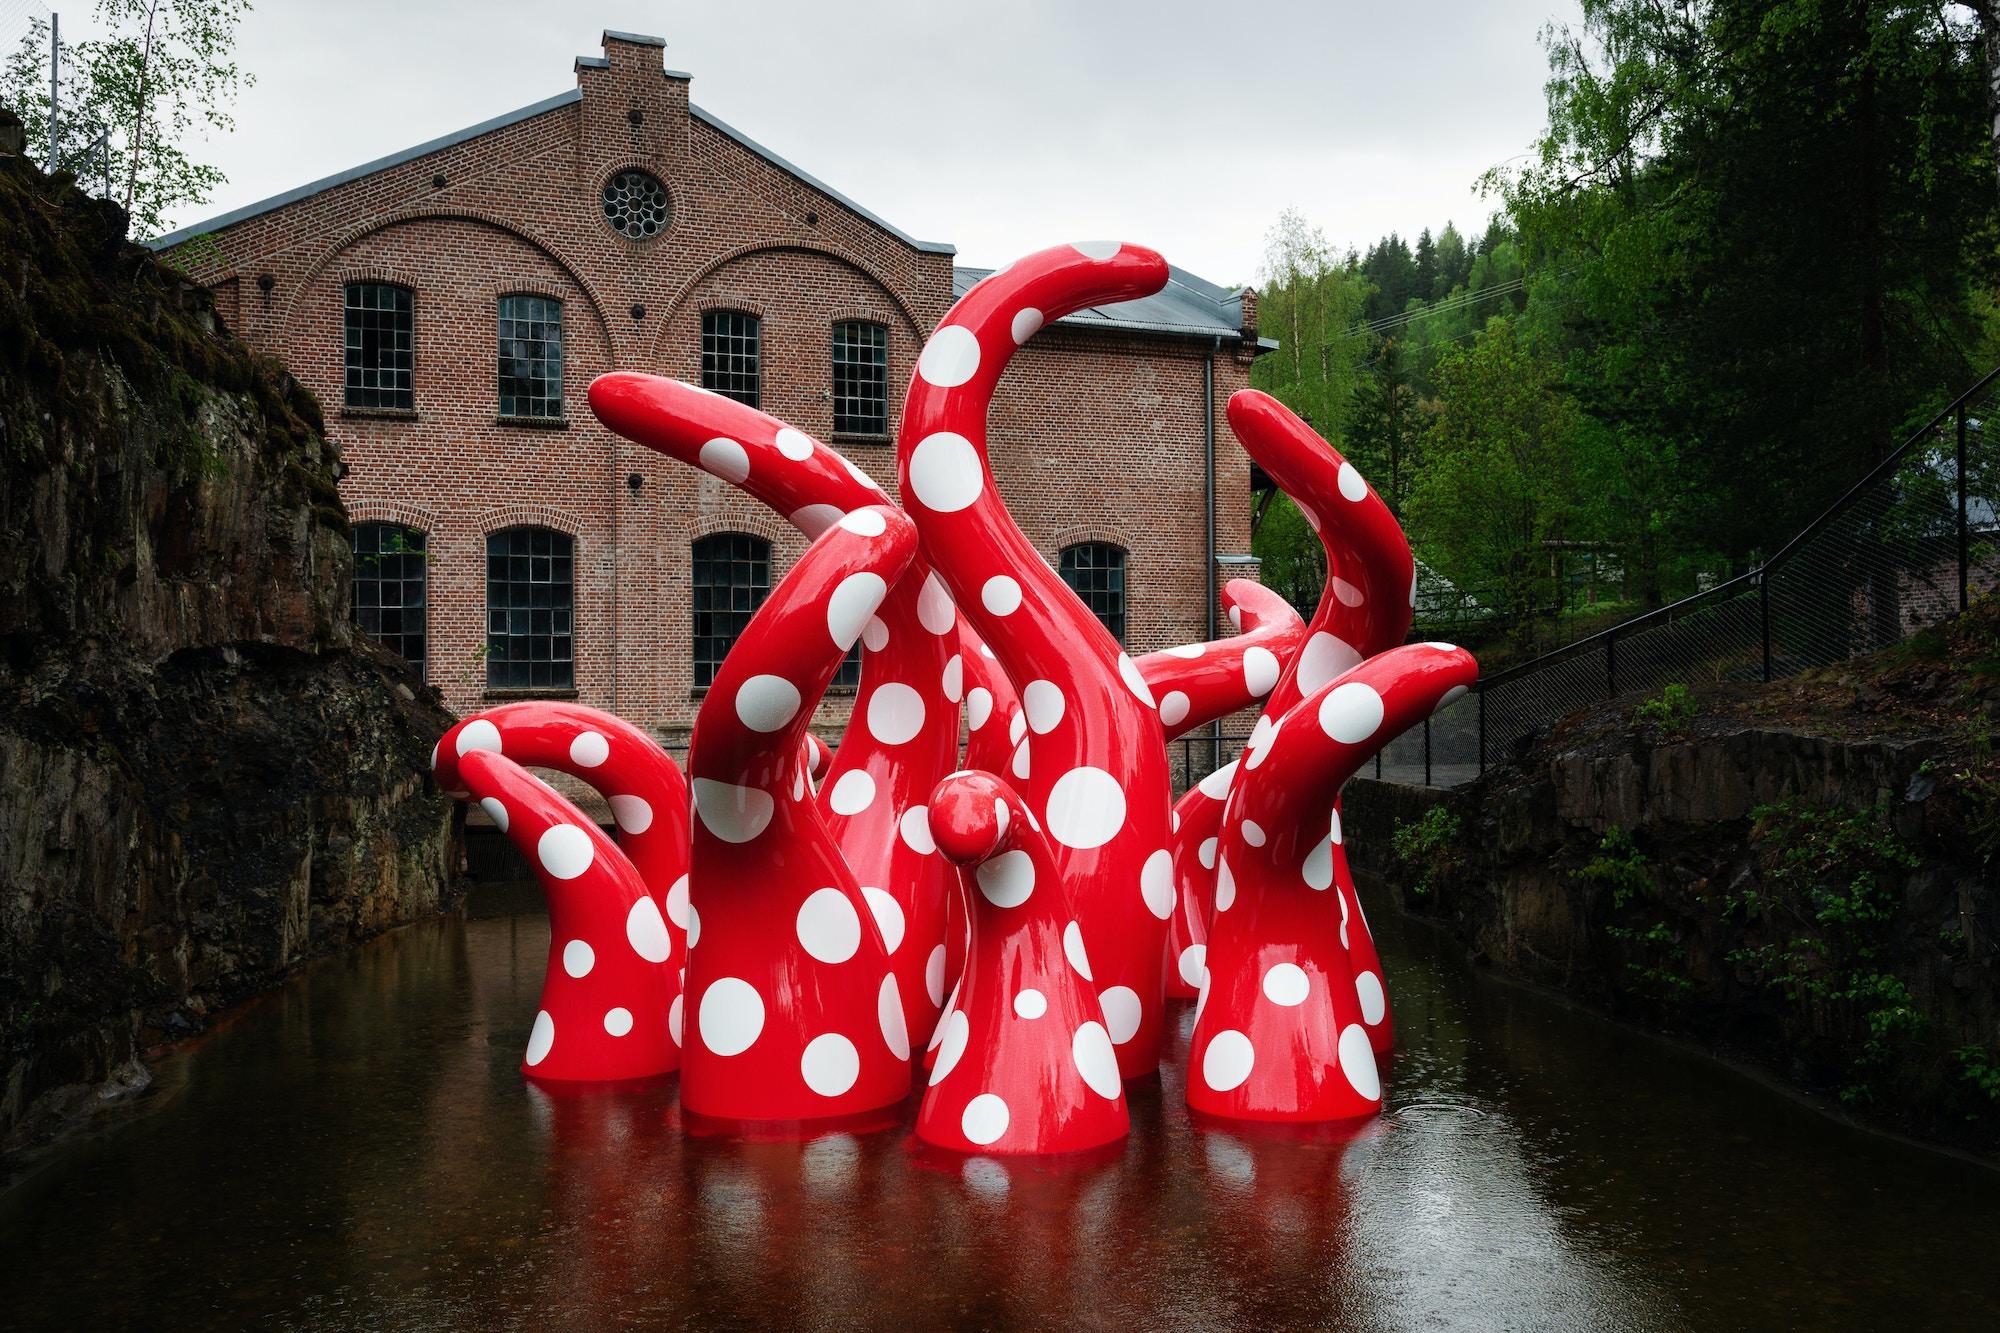 Skulptur av Yayoi Kusama med åtte røde blekksprutliknene armer med hvite prikker stiger opp av vannet. I bakgrunnen ser man det gamle tresliperiet.